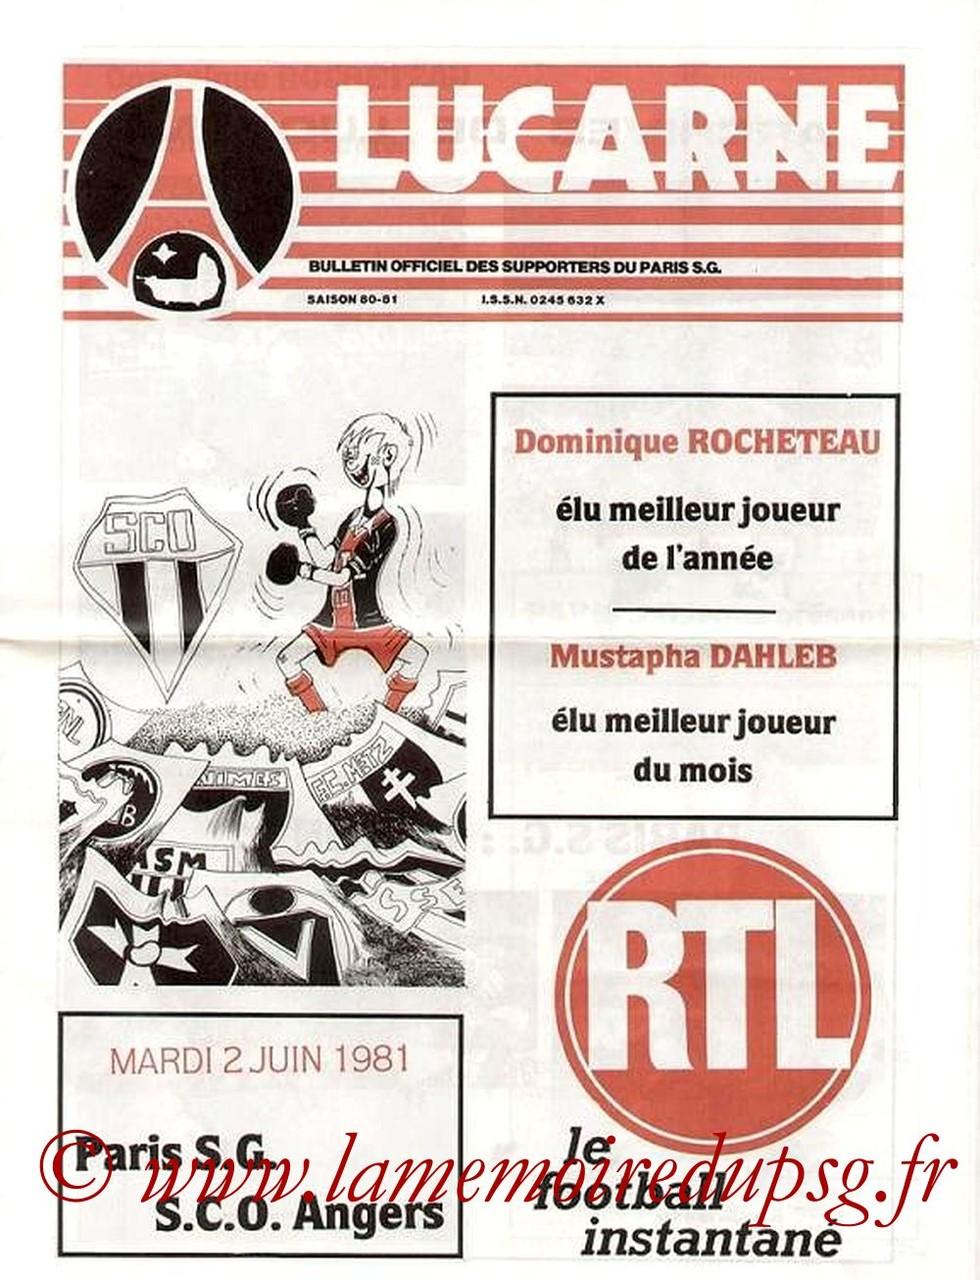 1981-06-02  PSG-Angers (38ème D1, Lucarne)